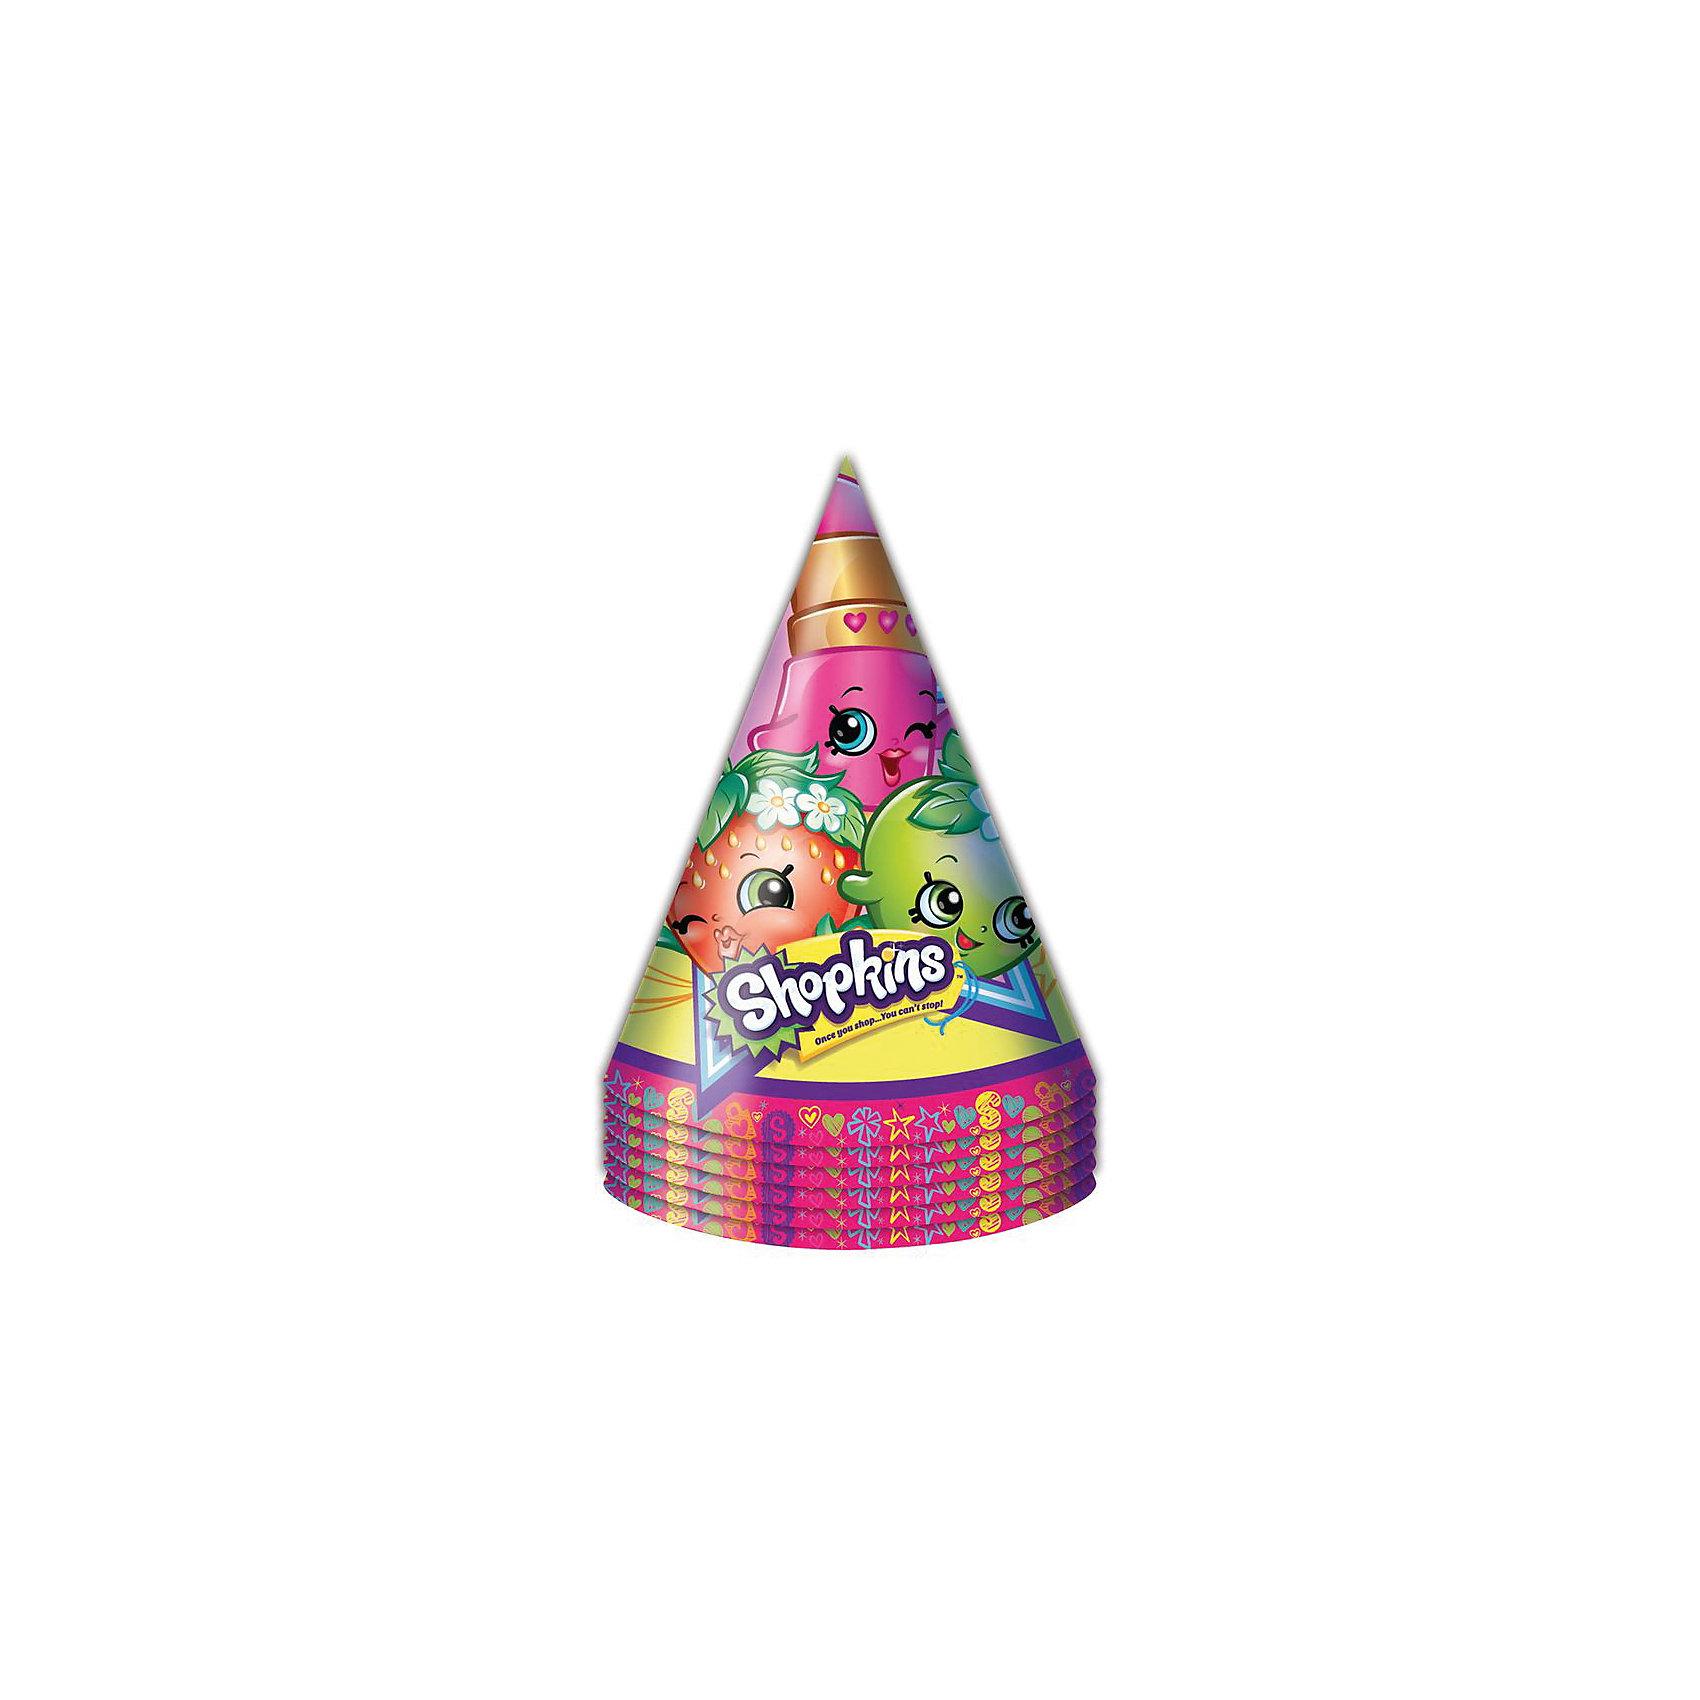 Колпачок 6 шт., ShopkinsShopkins<br>Характеристики товара:<br><br>• комплектация: 6 шт<br>• состав: бумага<br>• яркий принт<br>• упаковка: пакет<br>• страна бренда: Россия<br>• страна изготовитель: Китай<br><br>Бумажные колпачки с очаровательными героями мультфильма Shopkins ярко и весело украсят всех гостей детского праздника, поднимут всем настроение и помогут устроить множество забавных игр. <br><br>Колпачок 6 шт., Shopkins, вы можете приобрести в нашем интернет-магазине.<br><br>Ширина мм: 100<br>Глубина мм: 100<br>Высота мм: 165<br>Вес г: 50<br>Возраст от месяцев: 36<br>Возраст до месяцев: 2147483647<br>Пол: Женский<br>Возраст: Детский<br>SKU: 5453496